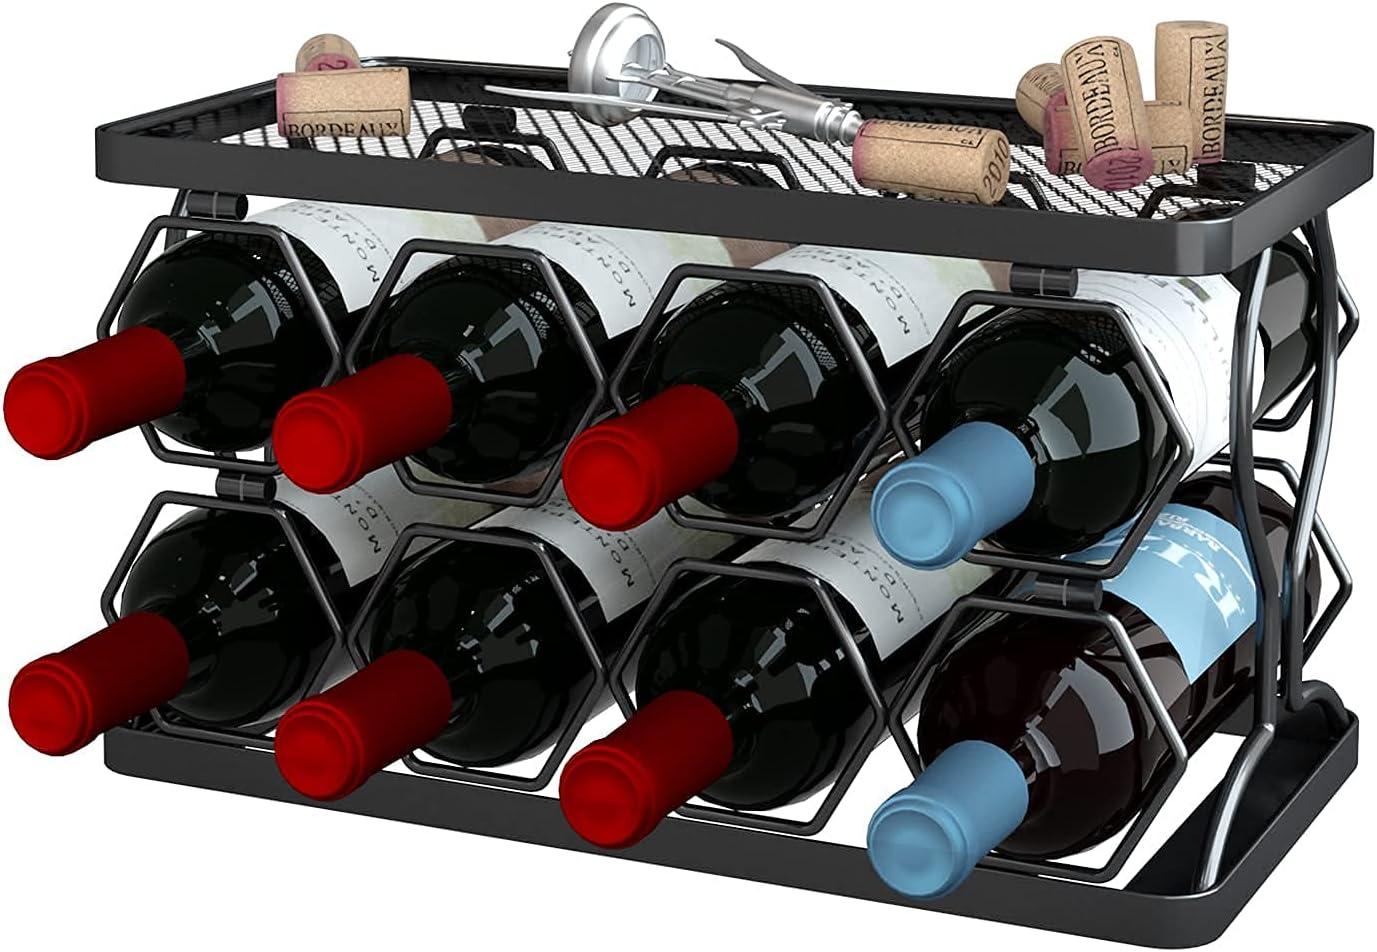 Apsan 2-Tier Stackable Indefinitely Wine trust Standing Bott Freestanding Rack